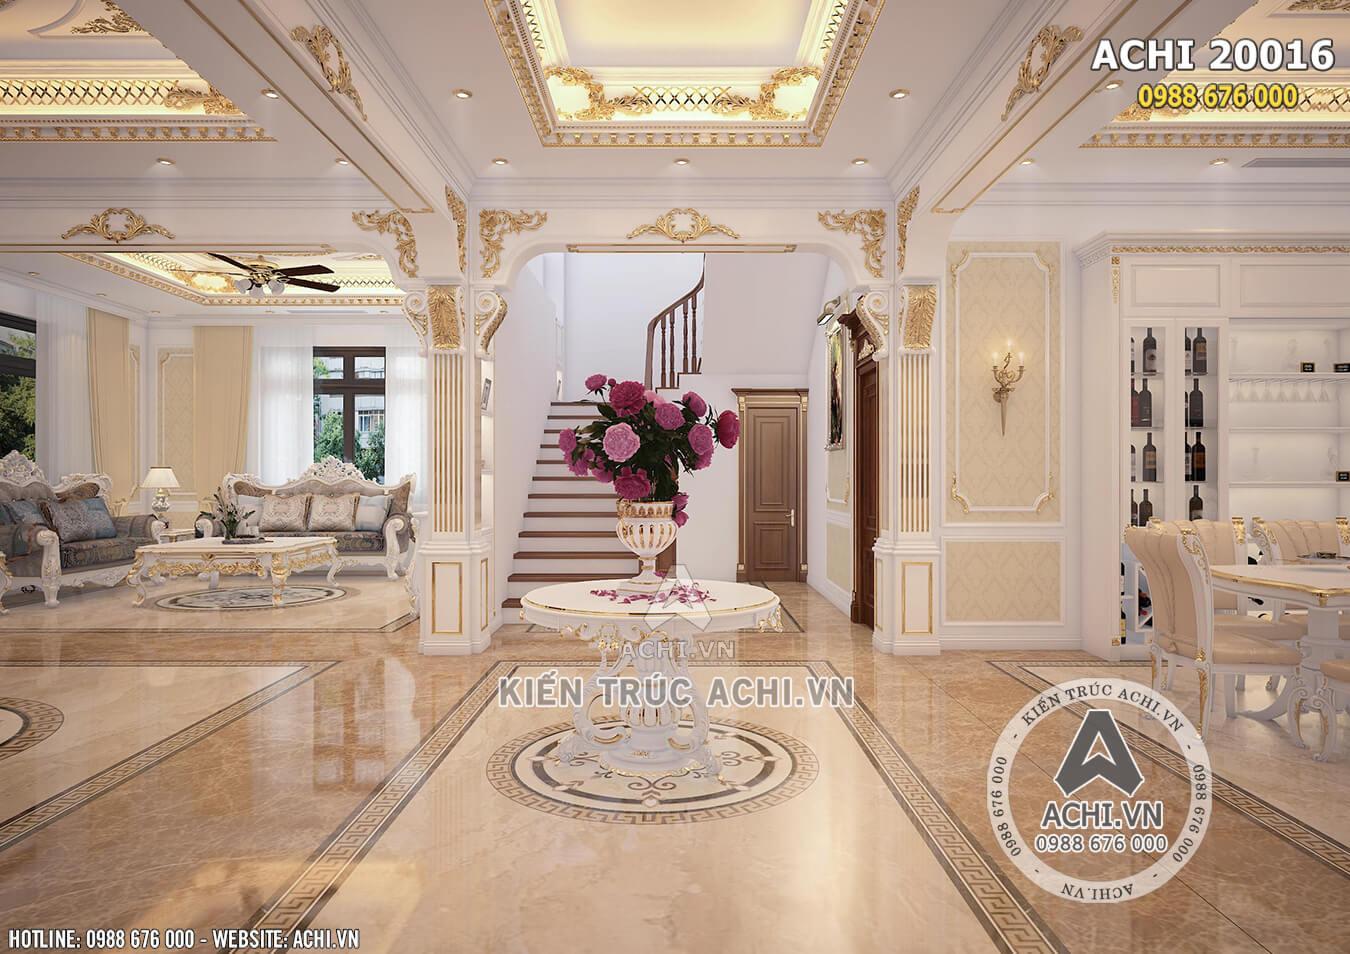 Hệ thống sảnh phòng khách cùng cầu thang lên tầng sang trọng